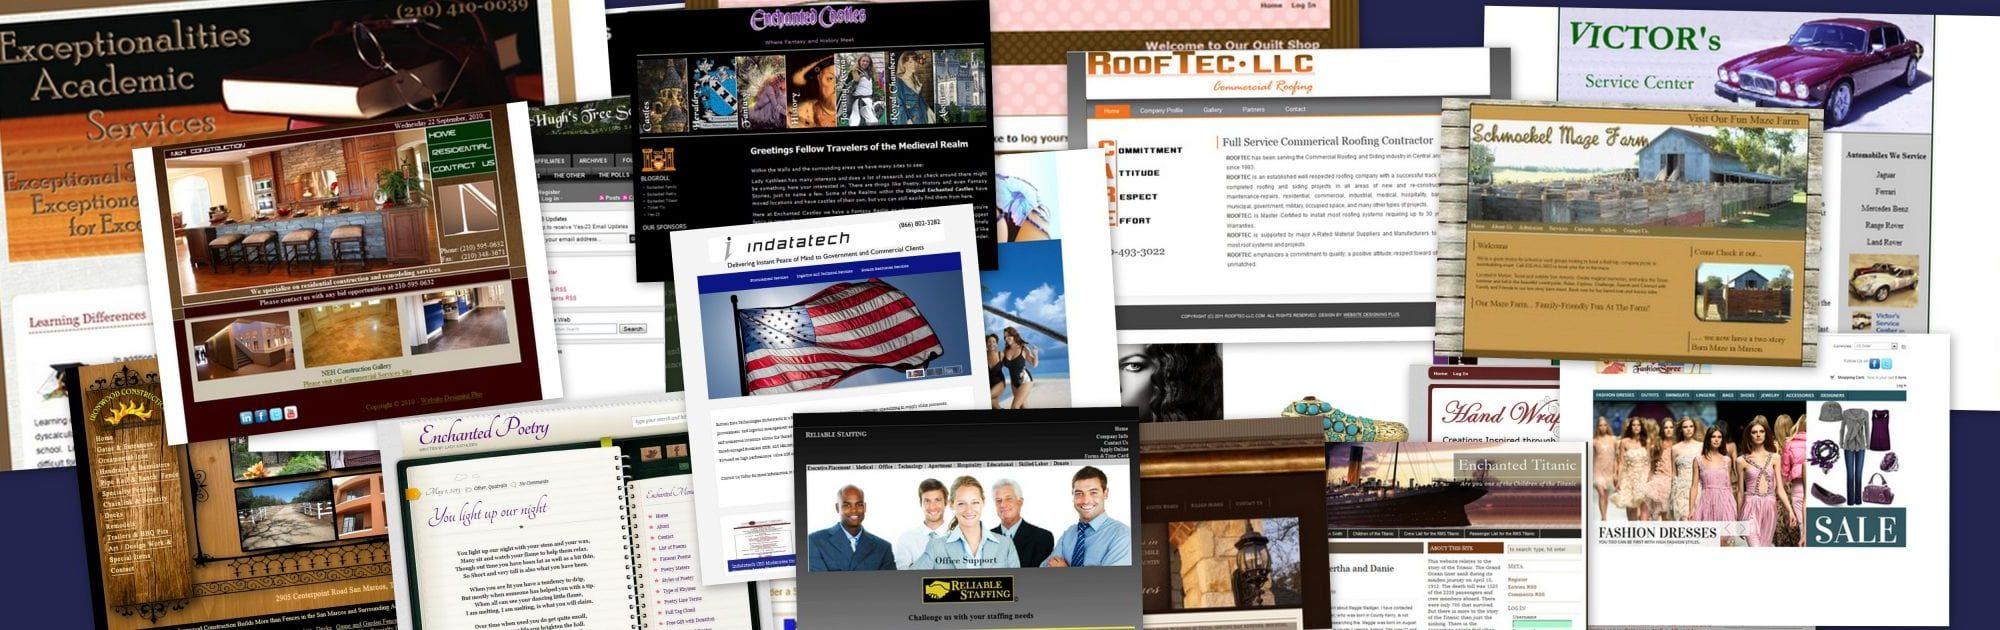 Website designed by Website Designing Plus